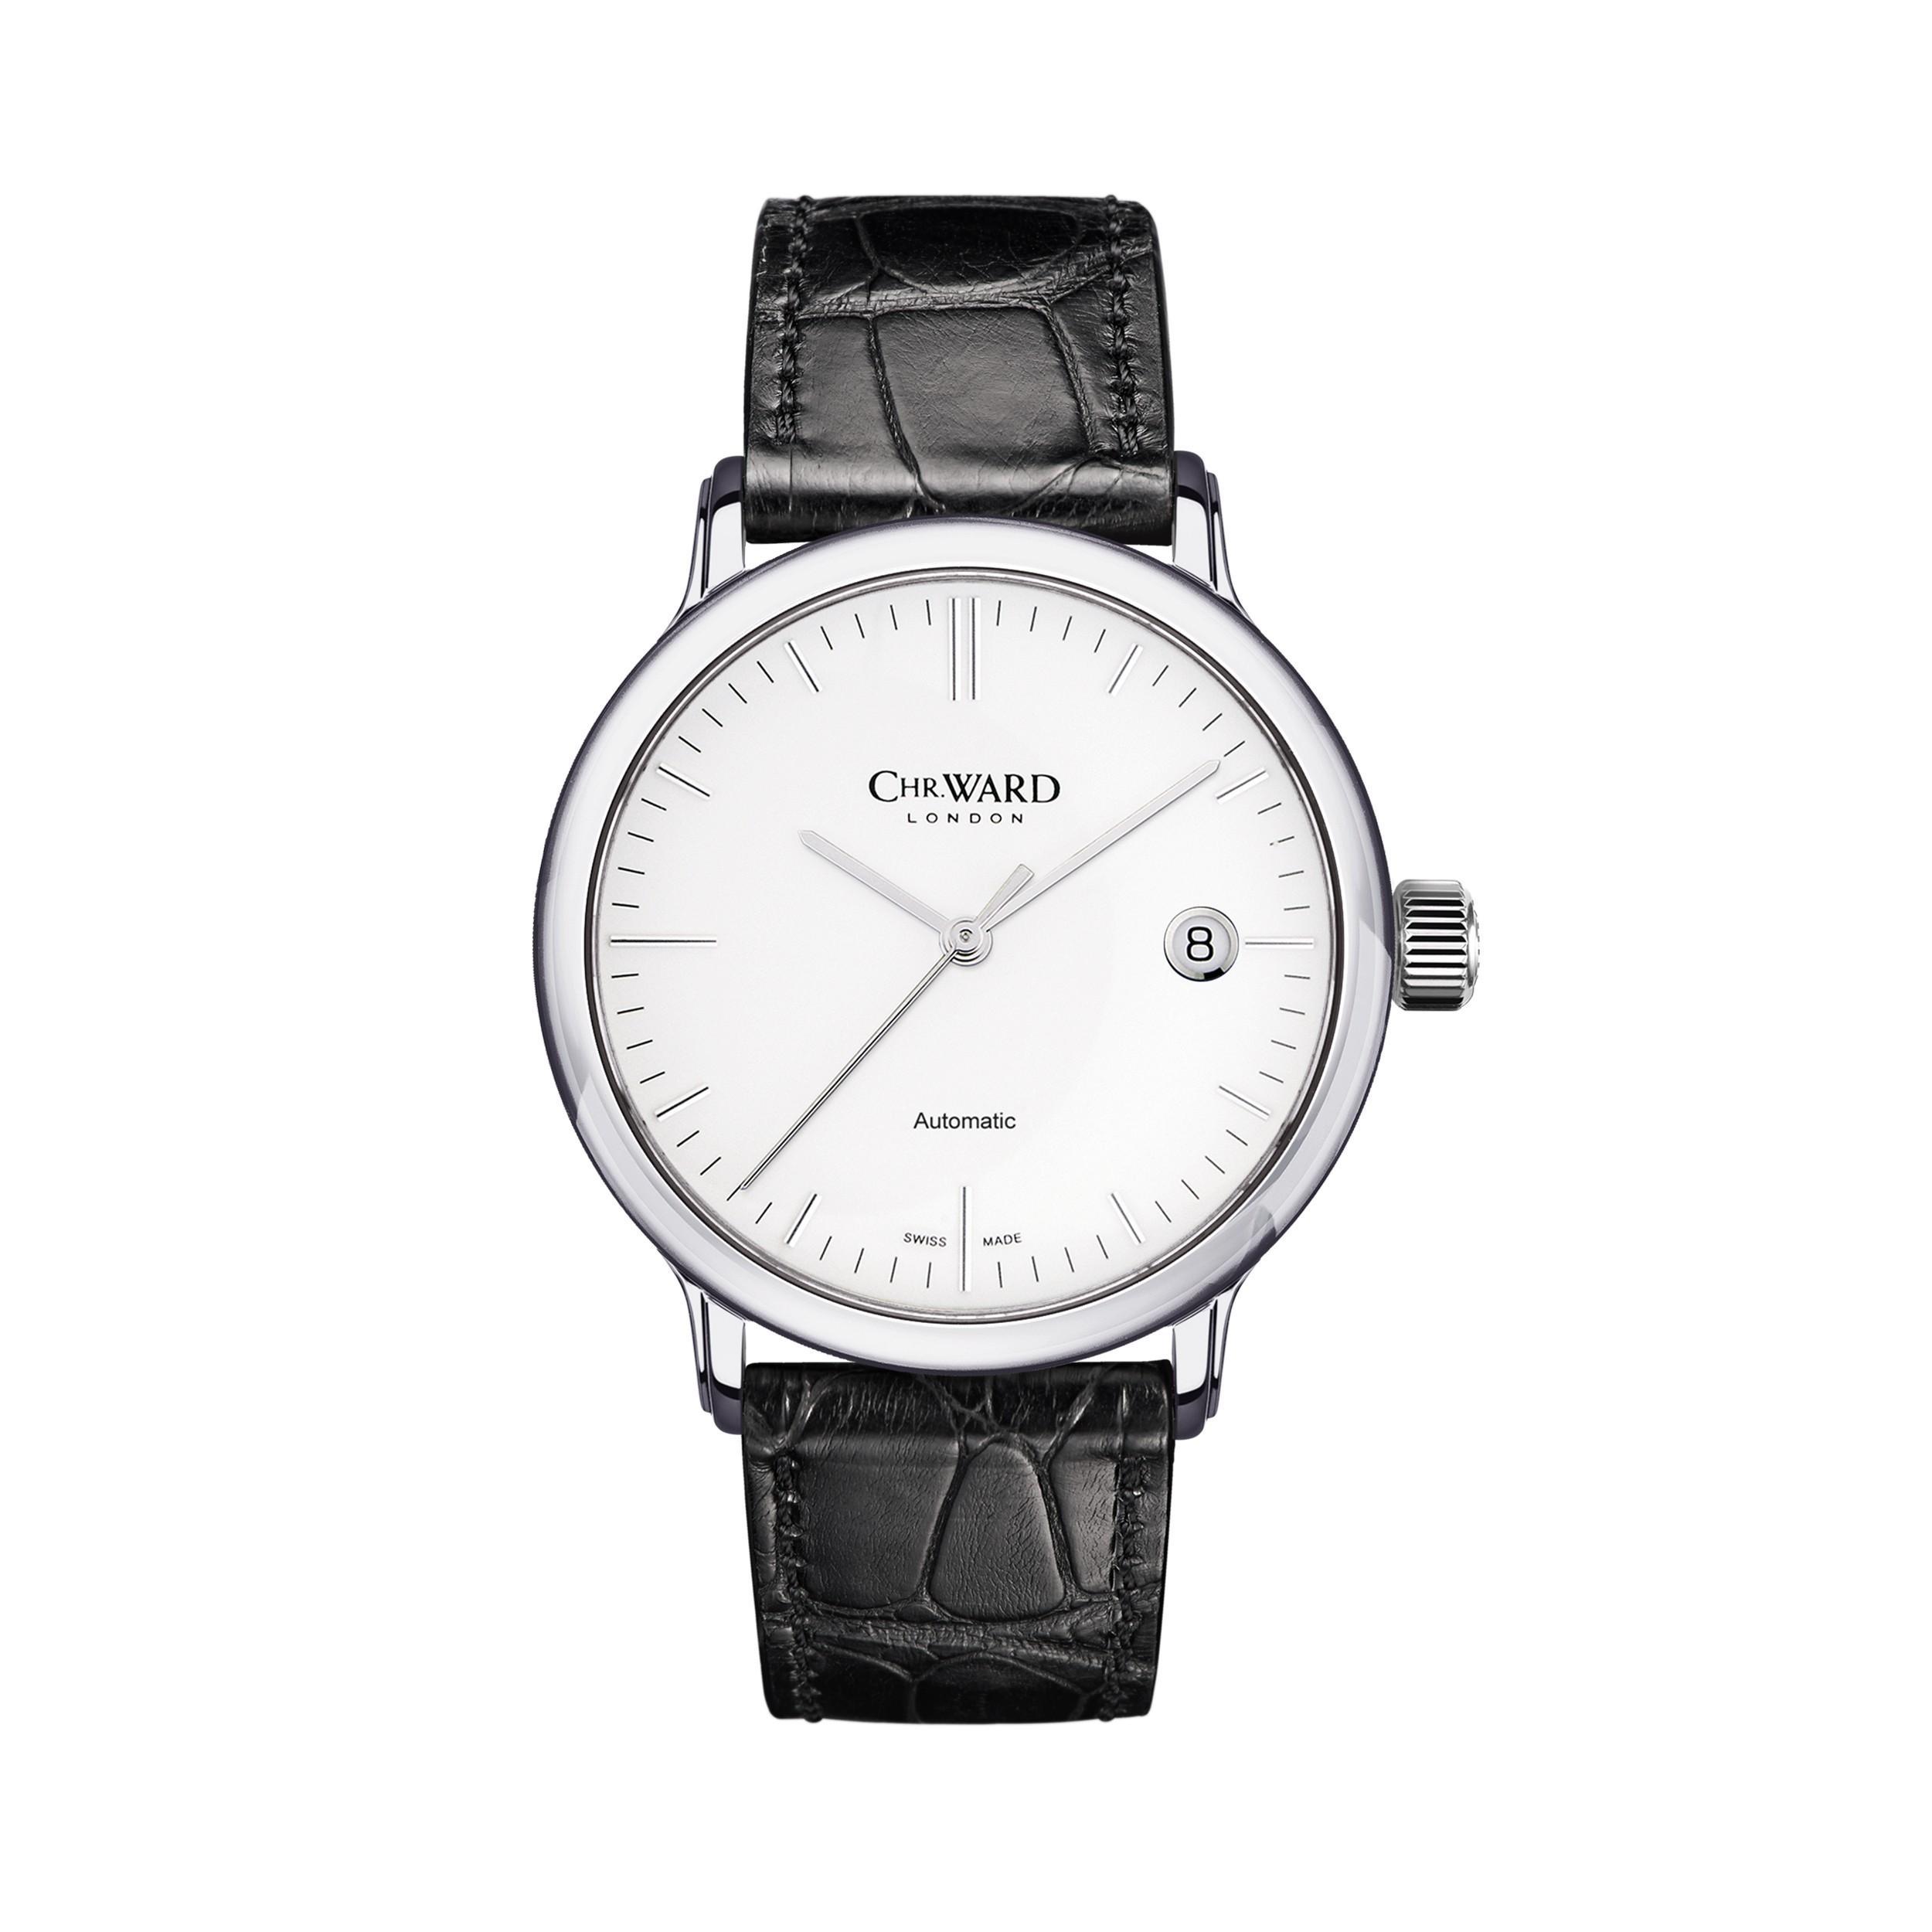 50% de réduction sur une sélection de montres Christopher Ward (Swiss Made et mouvement suisse) - Ex : C5 Malvern Automatic MK II